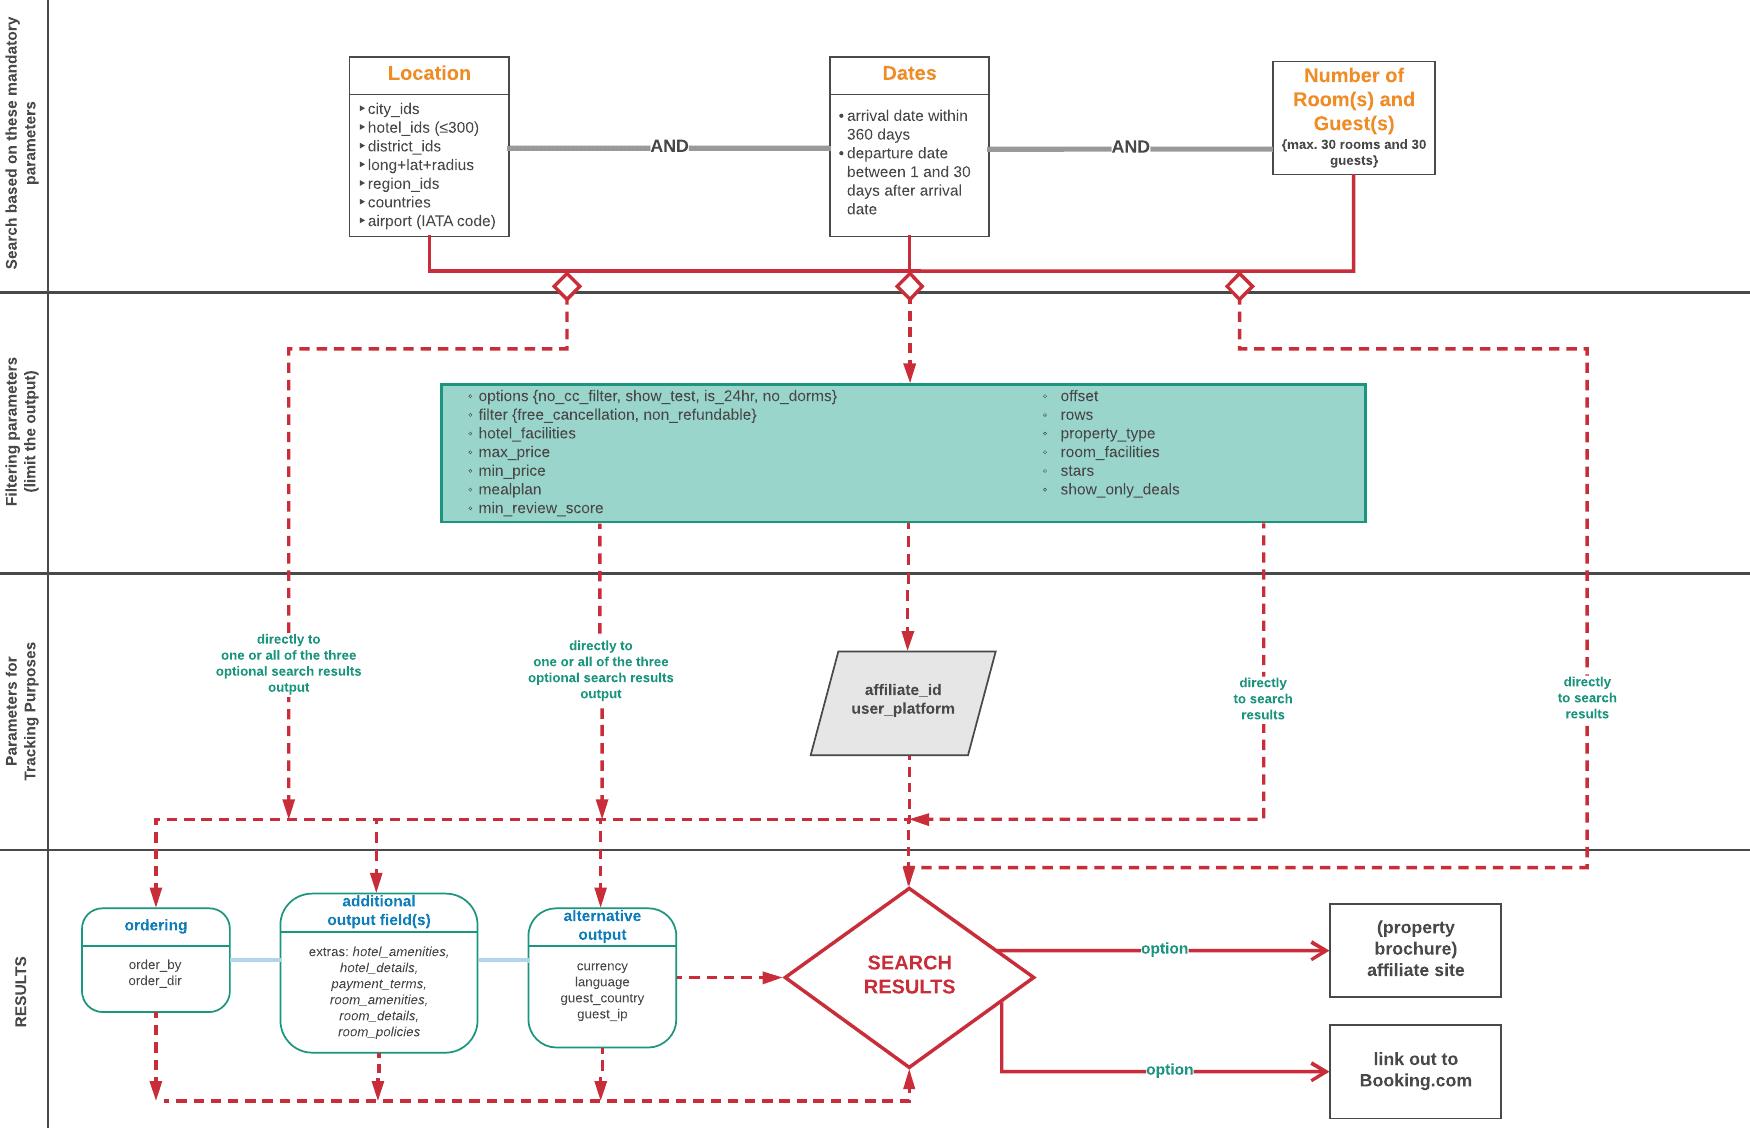 demand API Booking.com